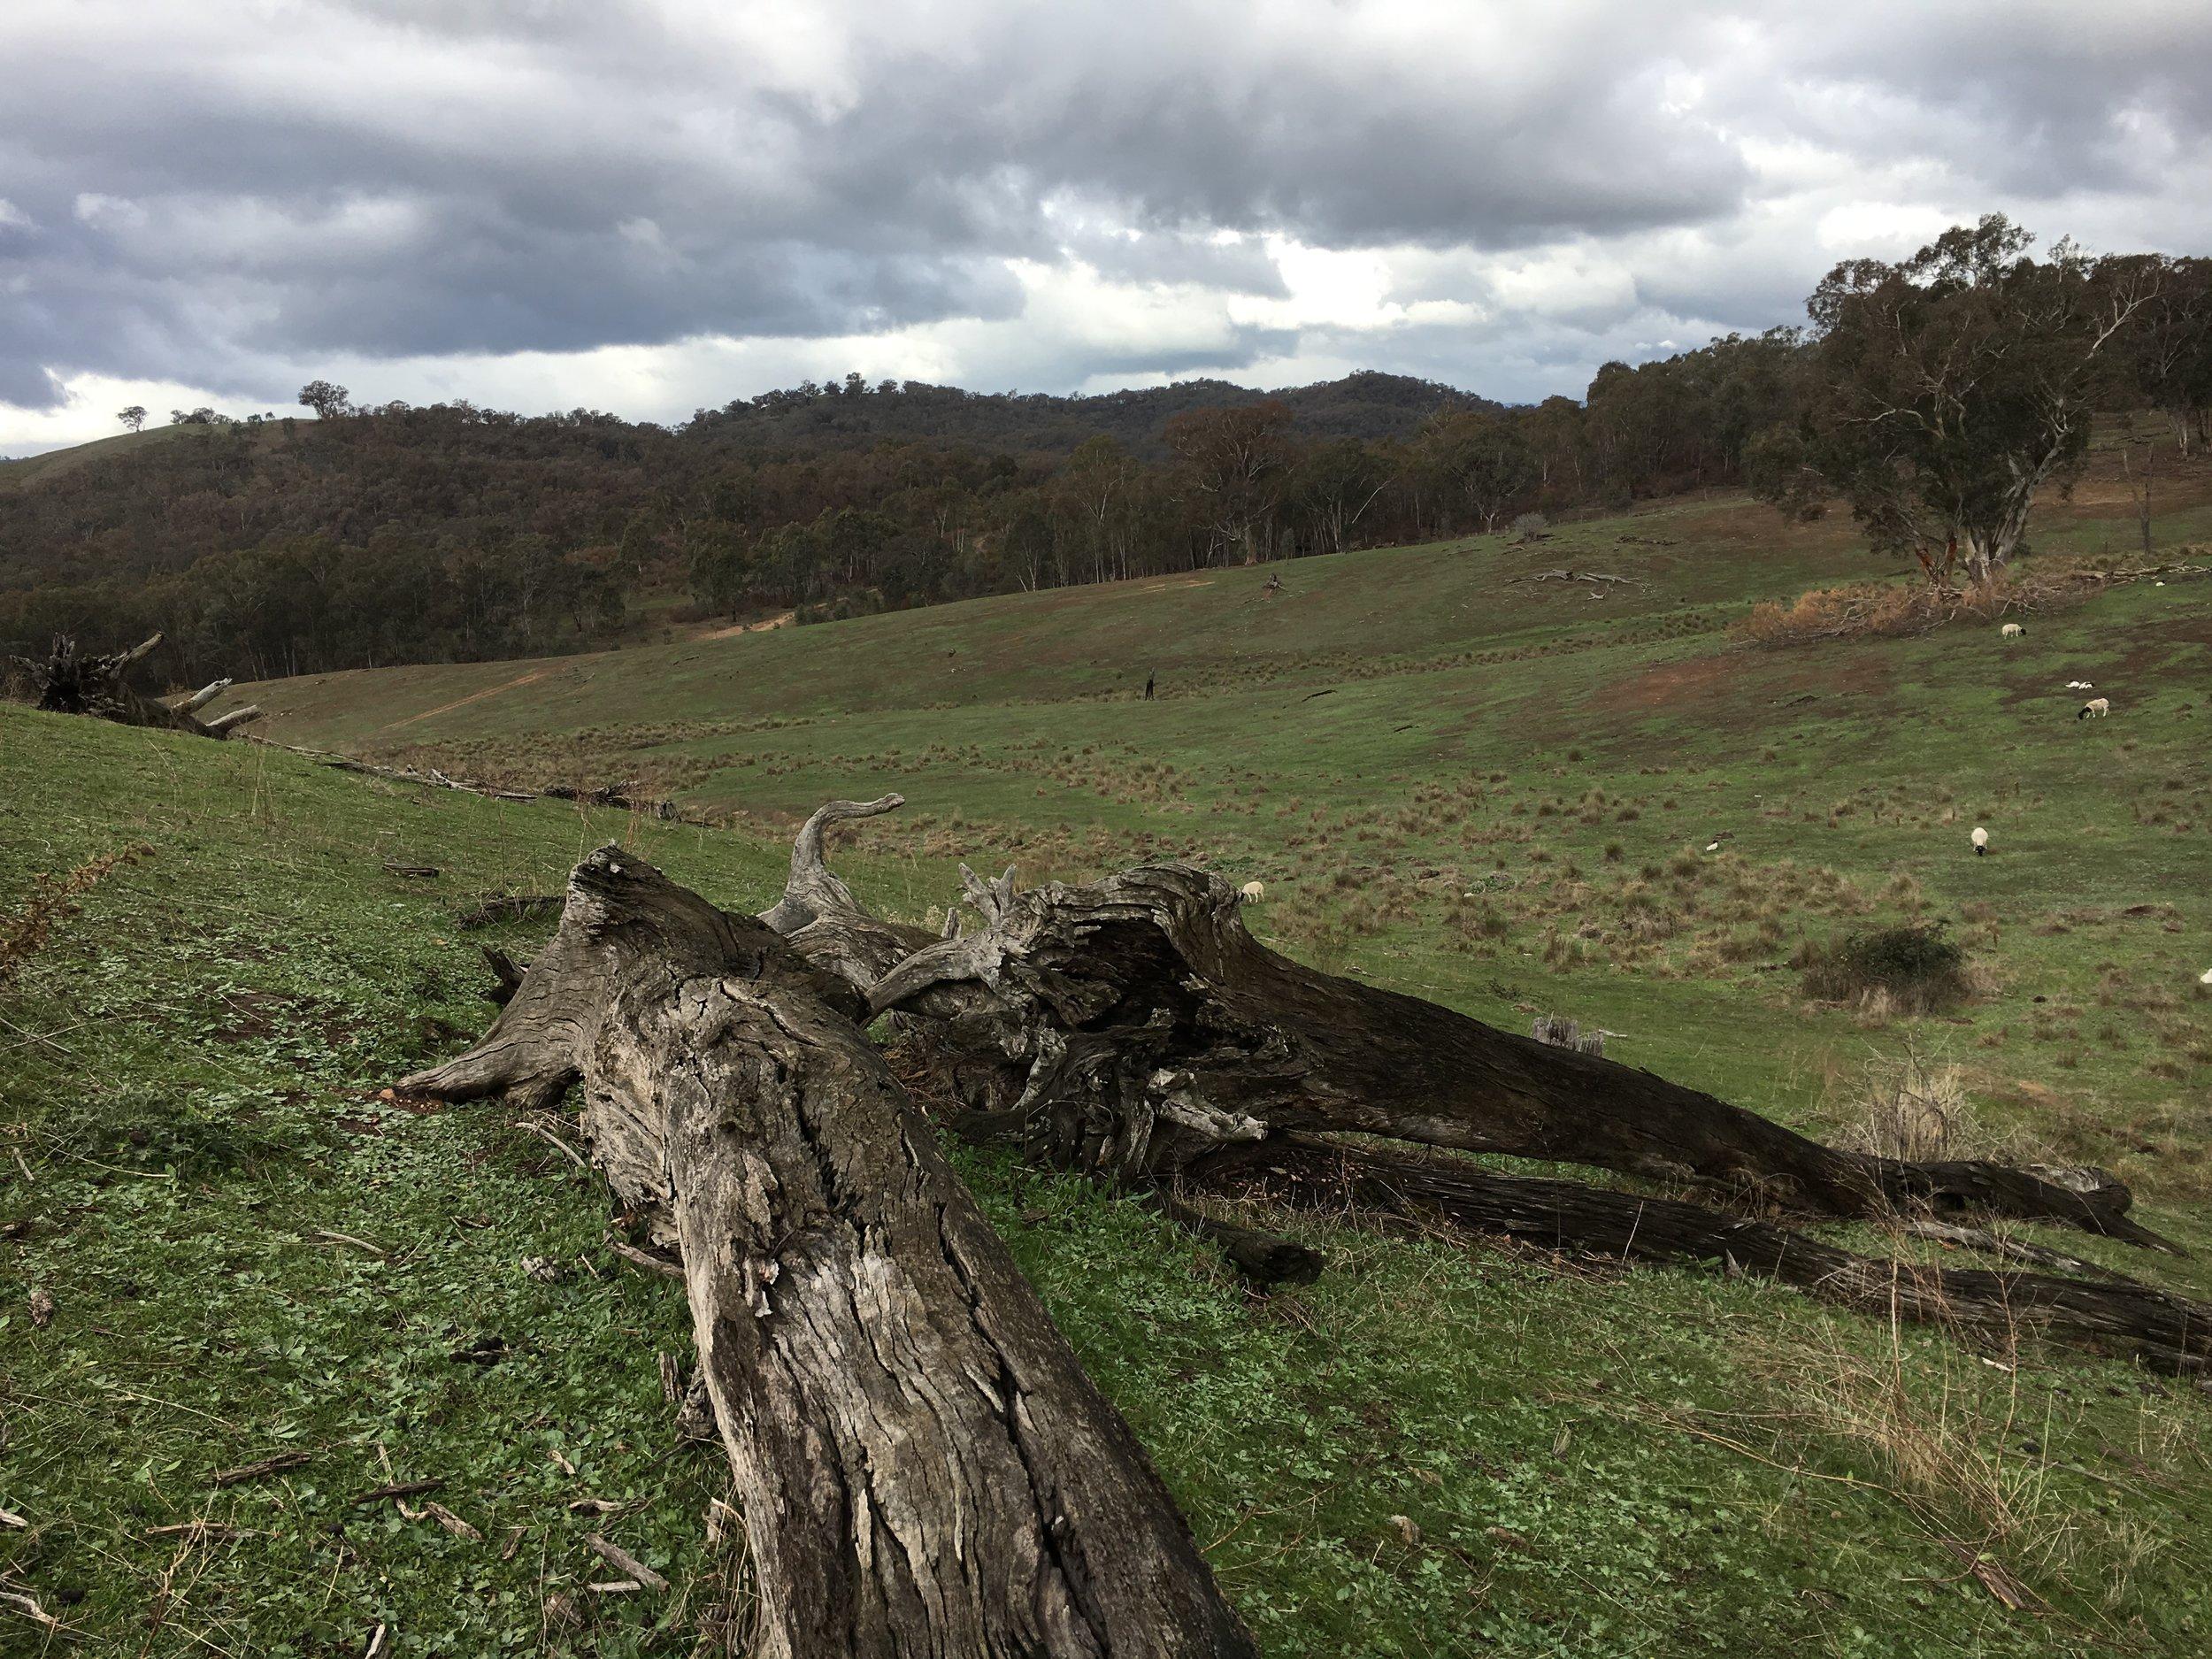 Messy fallen logs